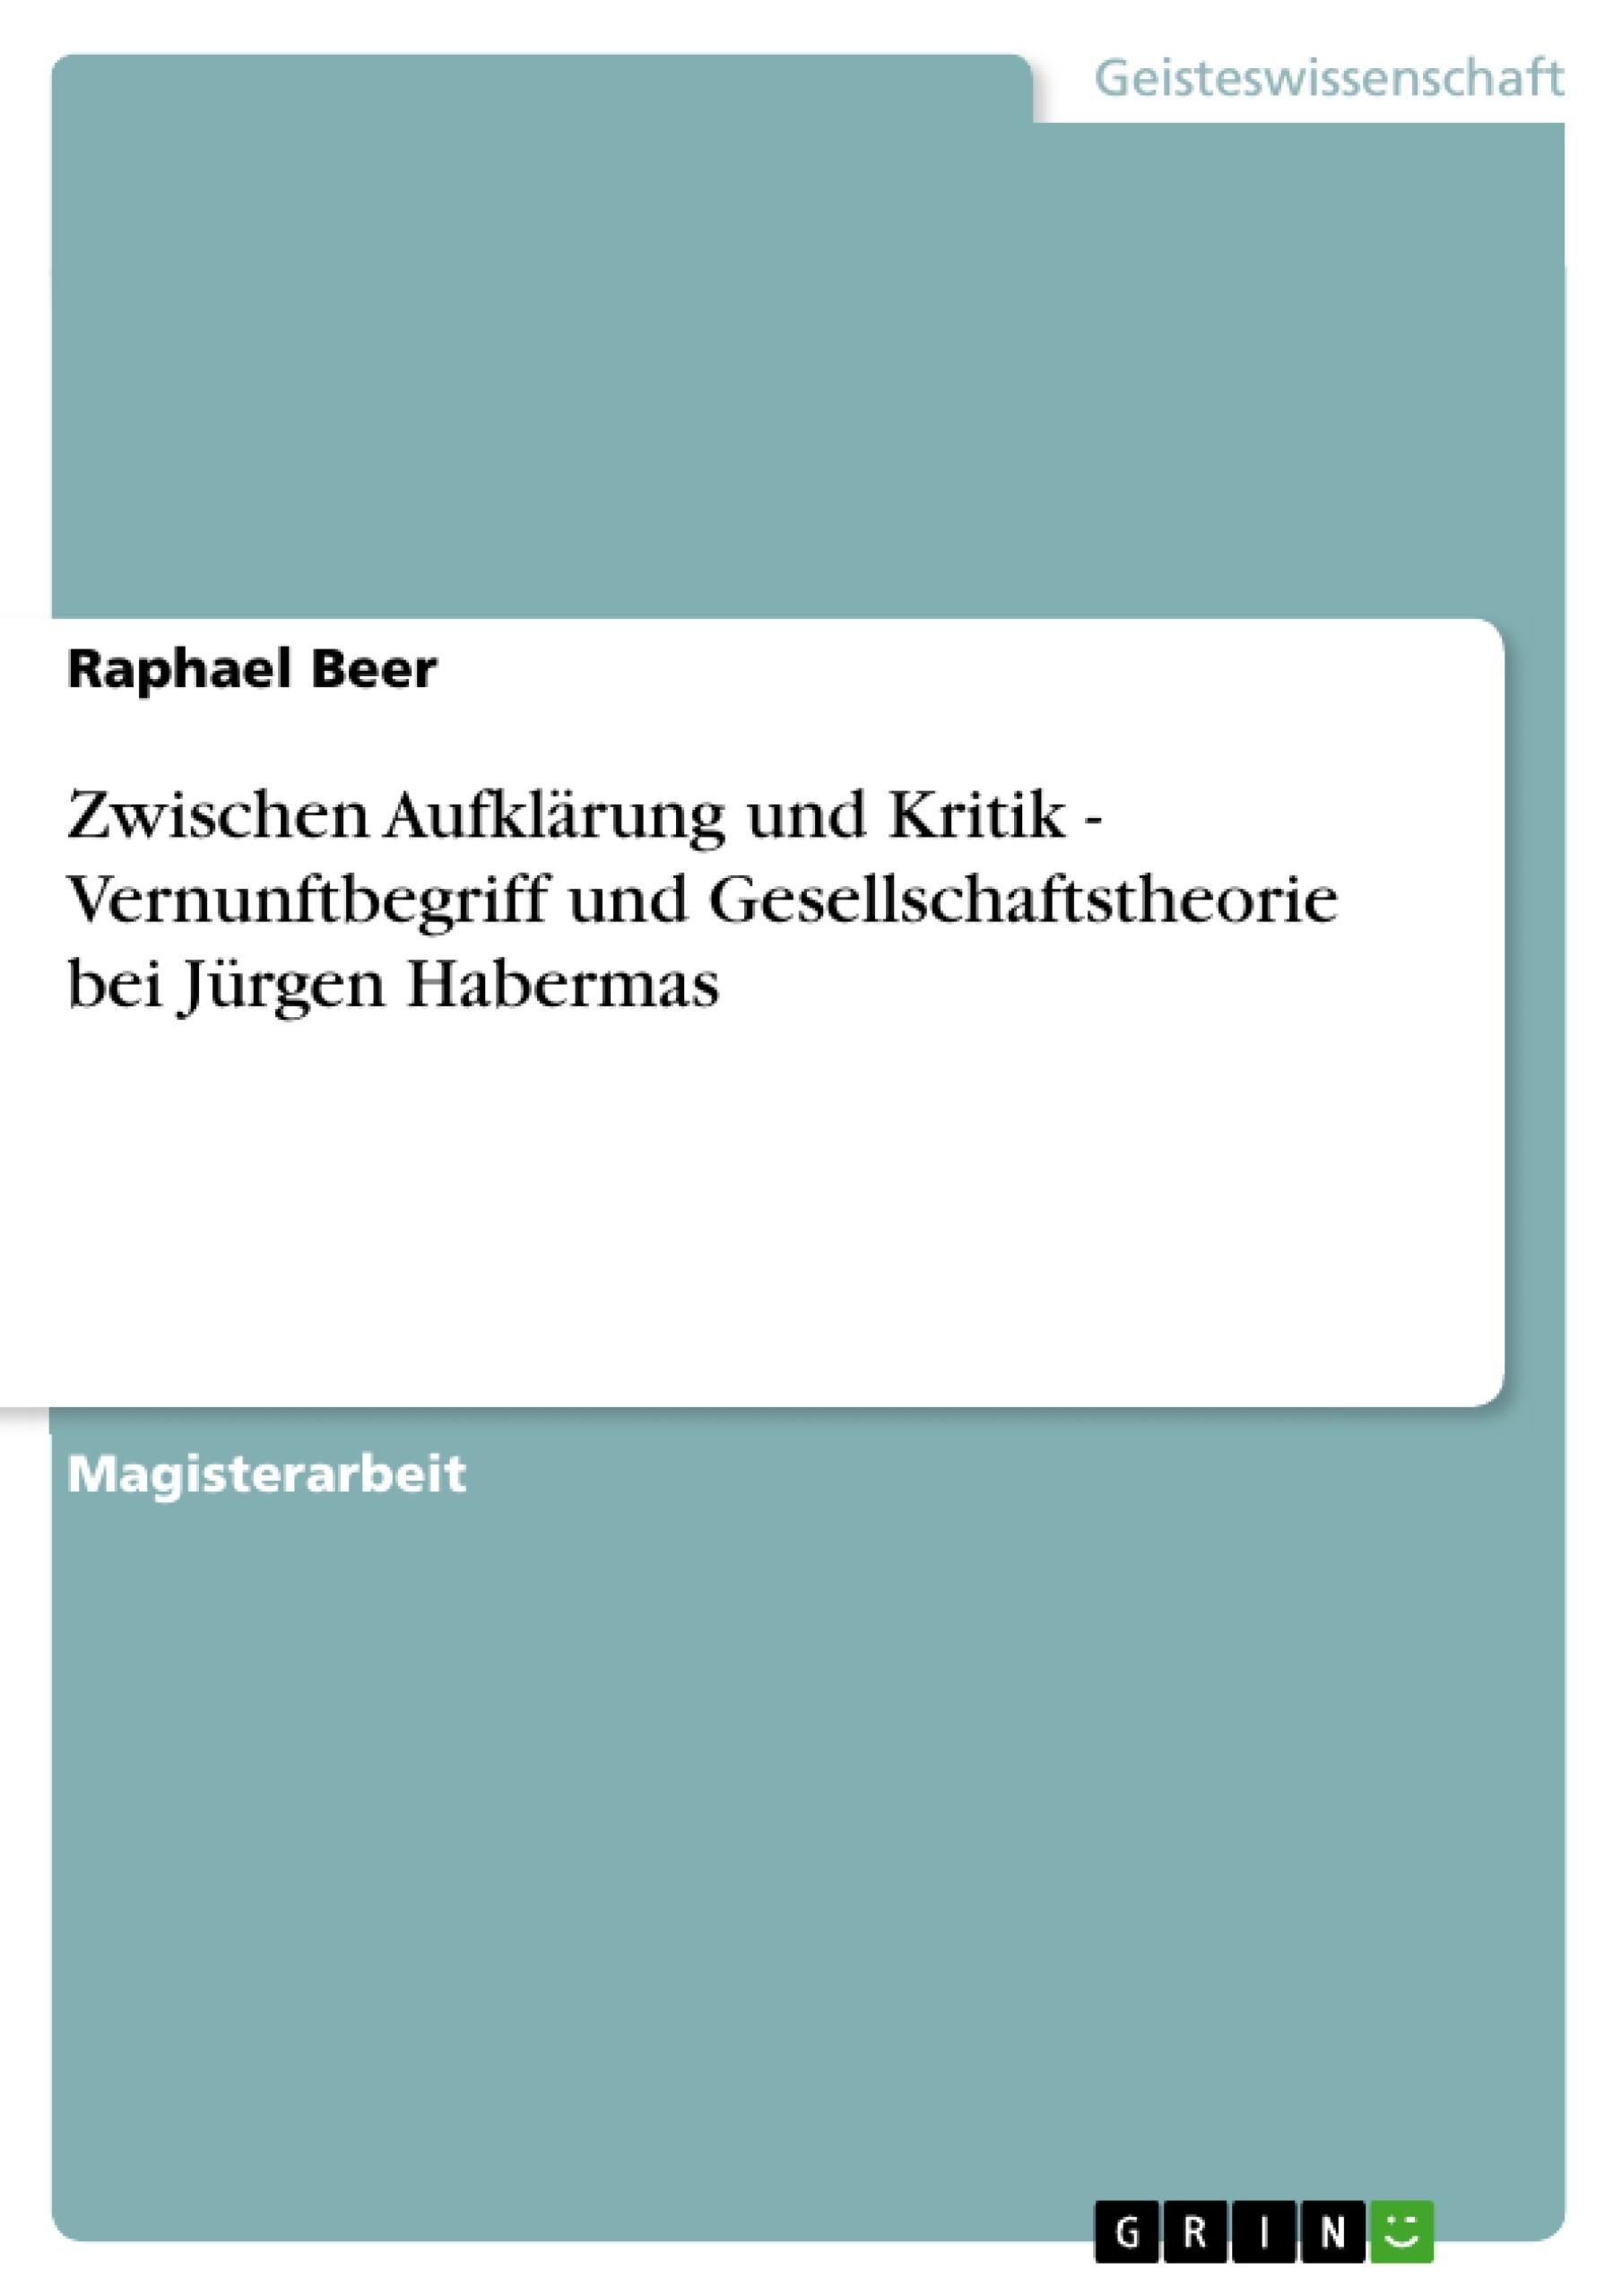 Titel: Zwischen Aufklärung und Kritik - Vernunftbegriff und Gesellschaftstheorie bei Jürgen Habermas